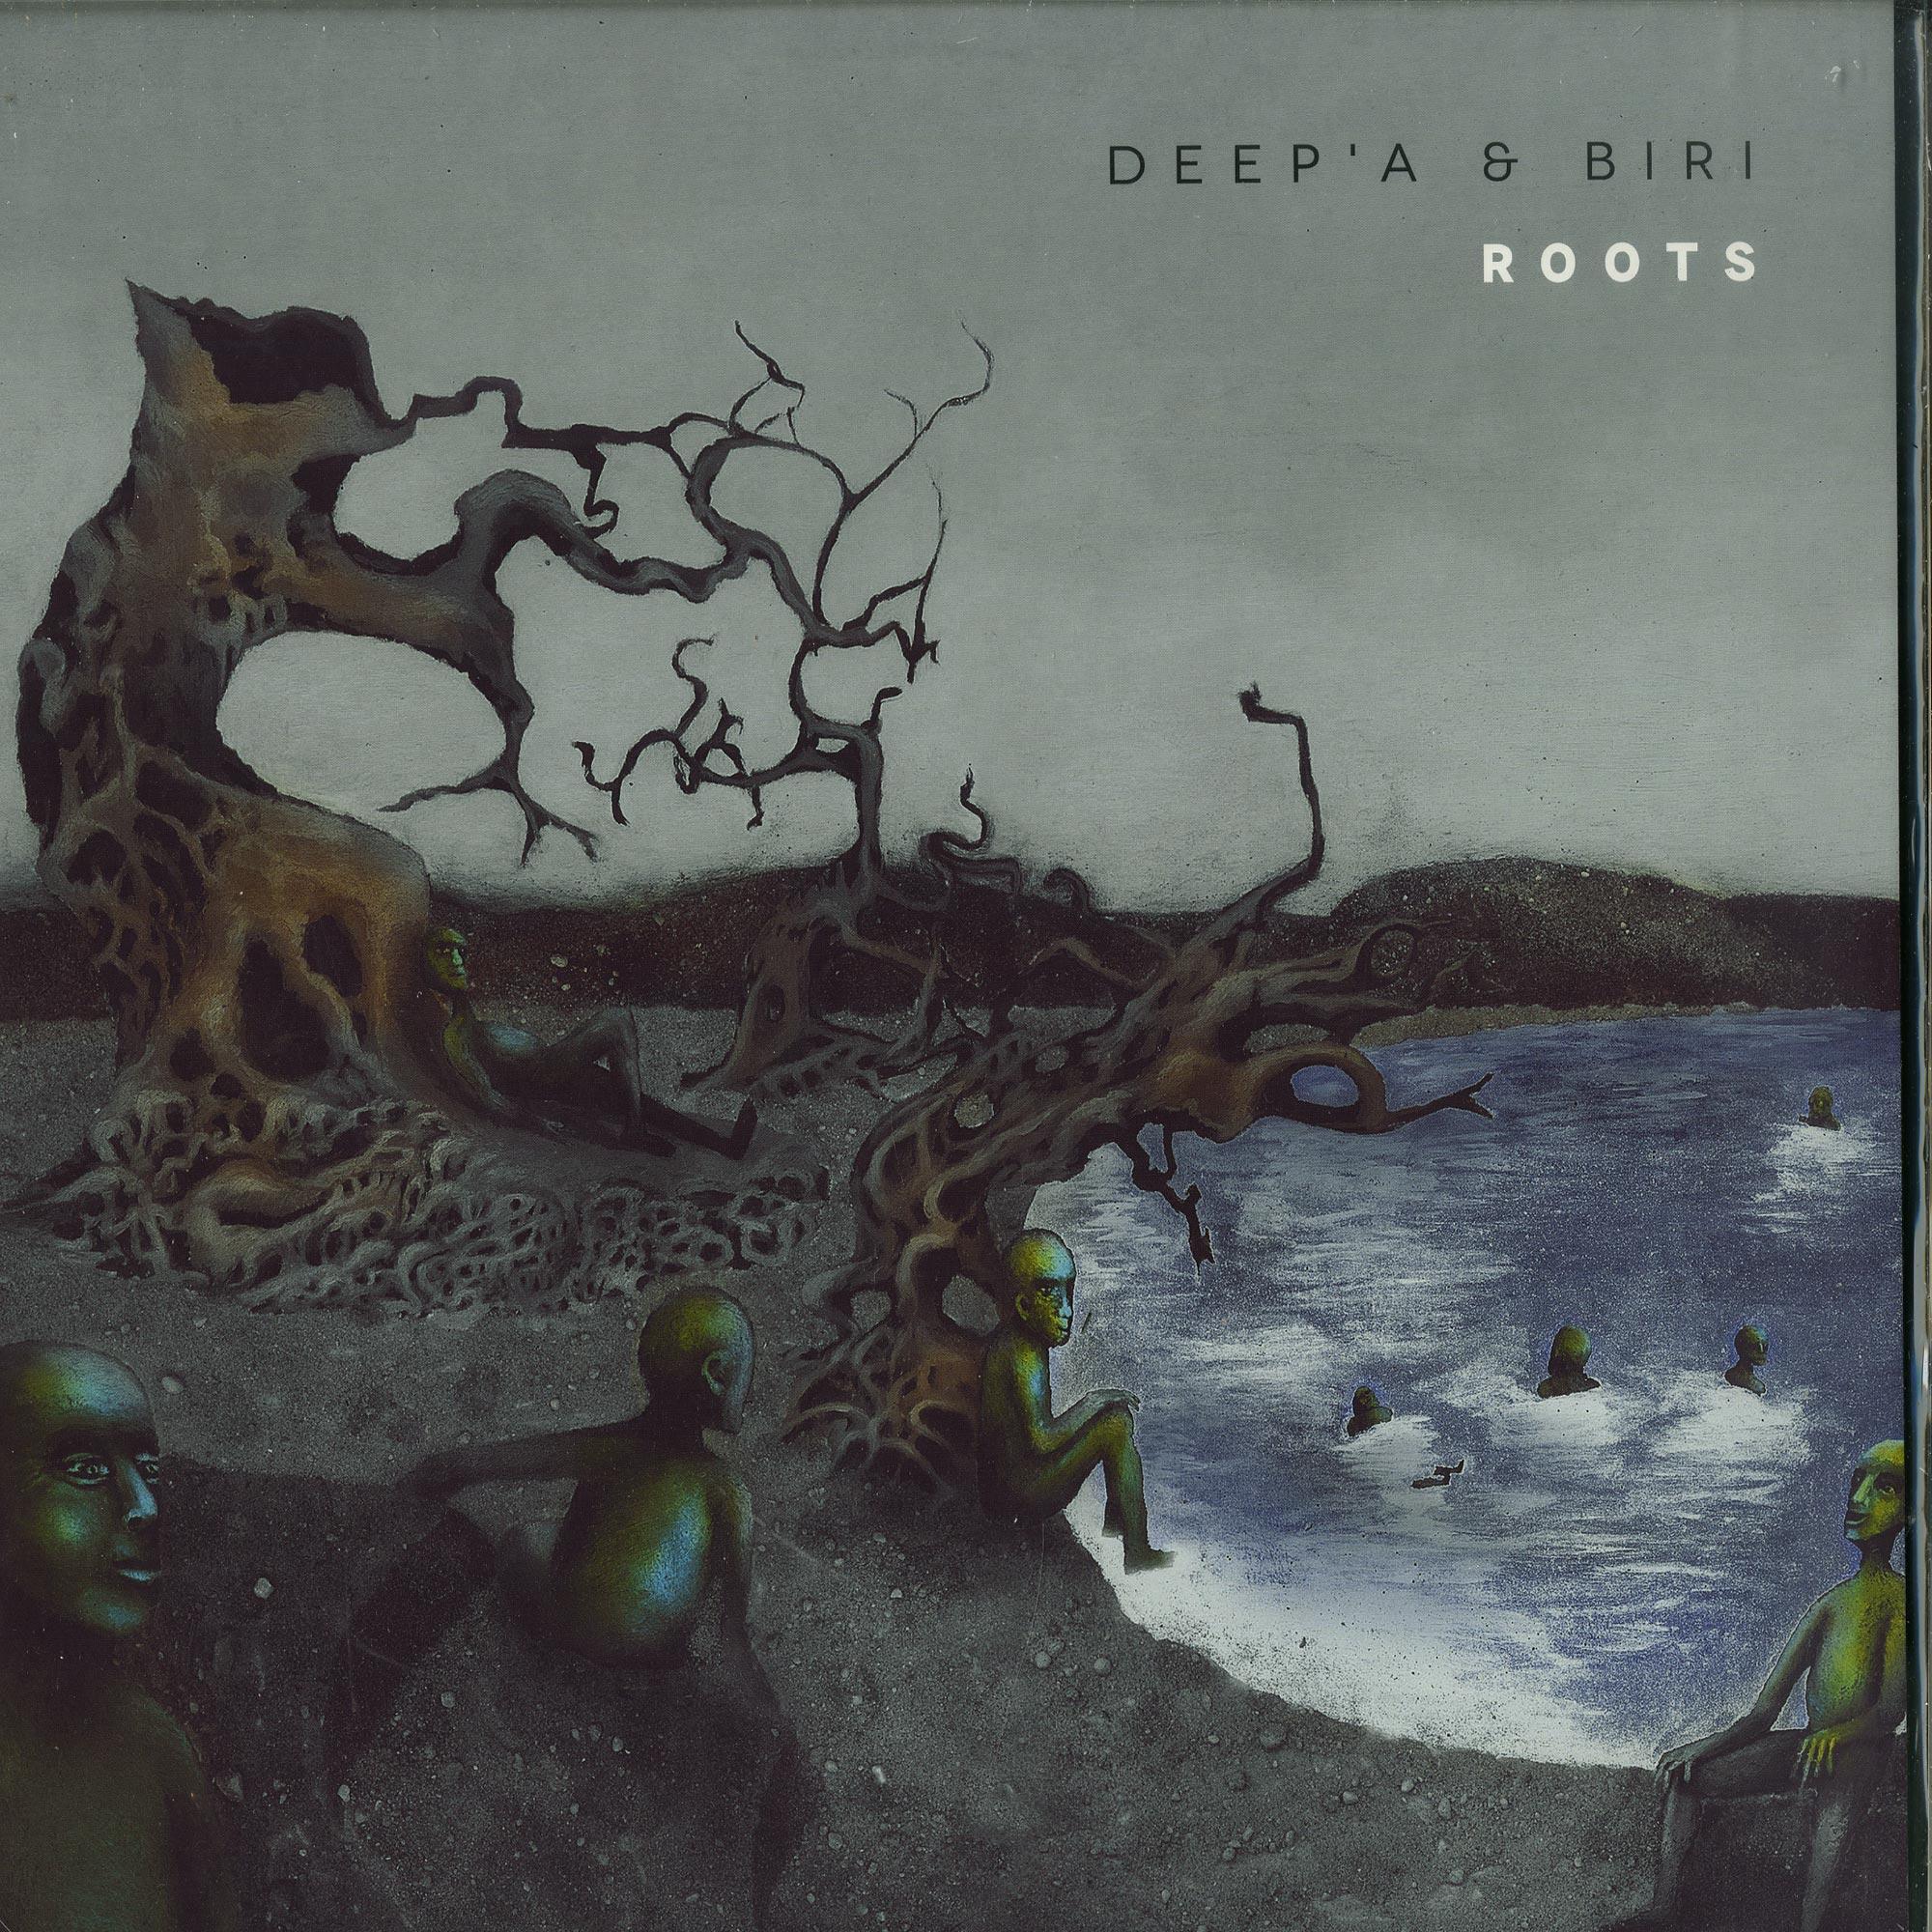 Deepa & Biri - Roots